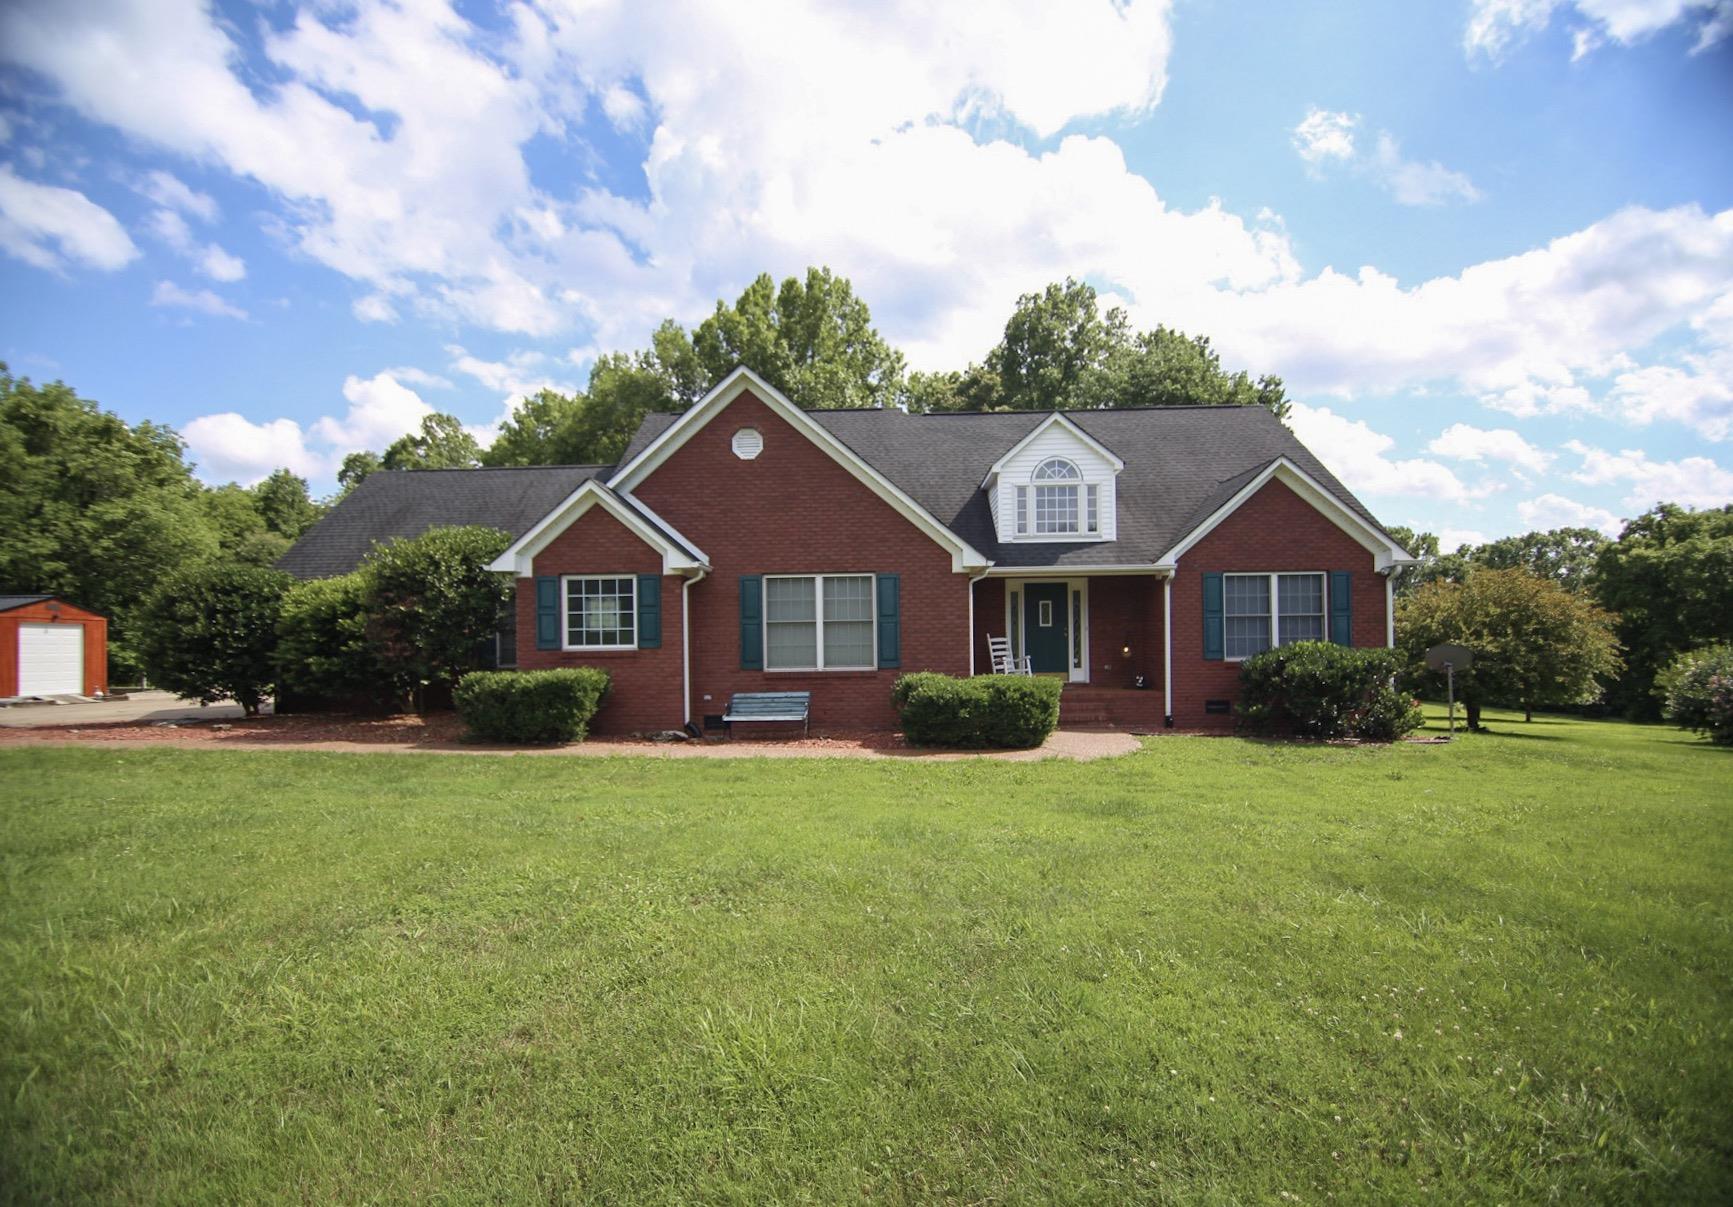 1352 Iron Bridge Rd, Columbia, TN 38401 - Columbia, TN real estate listing